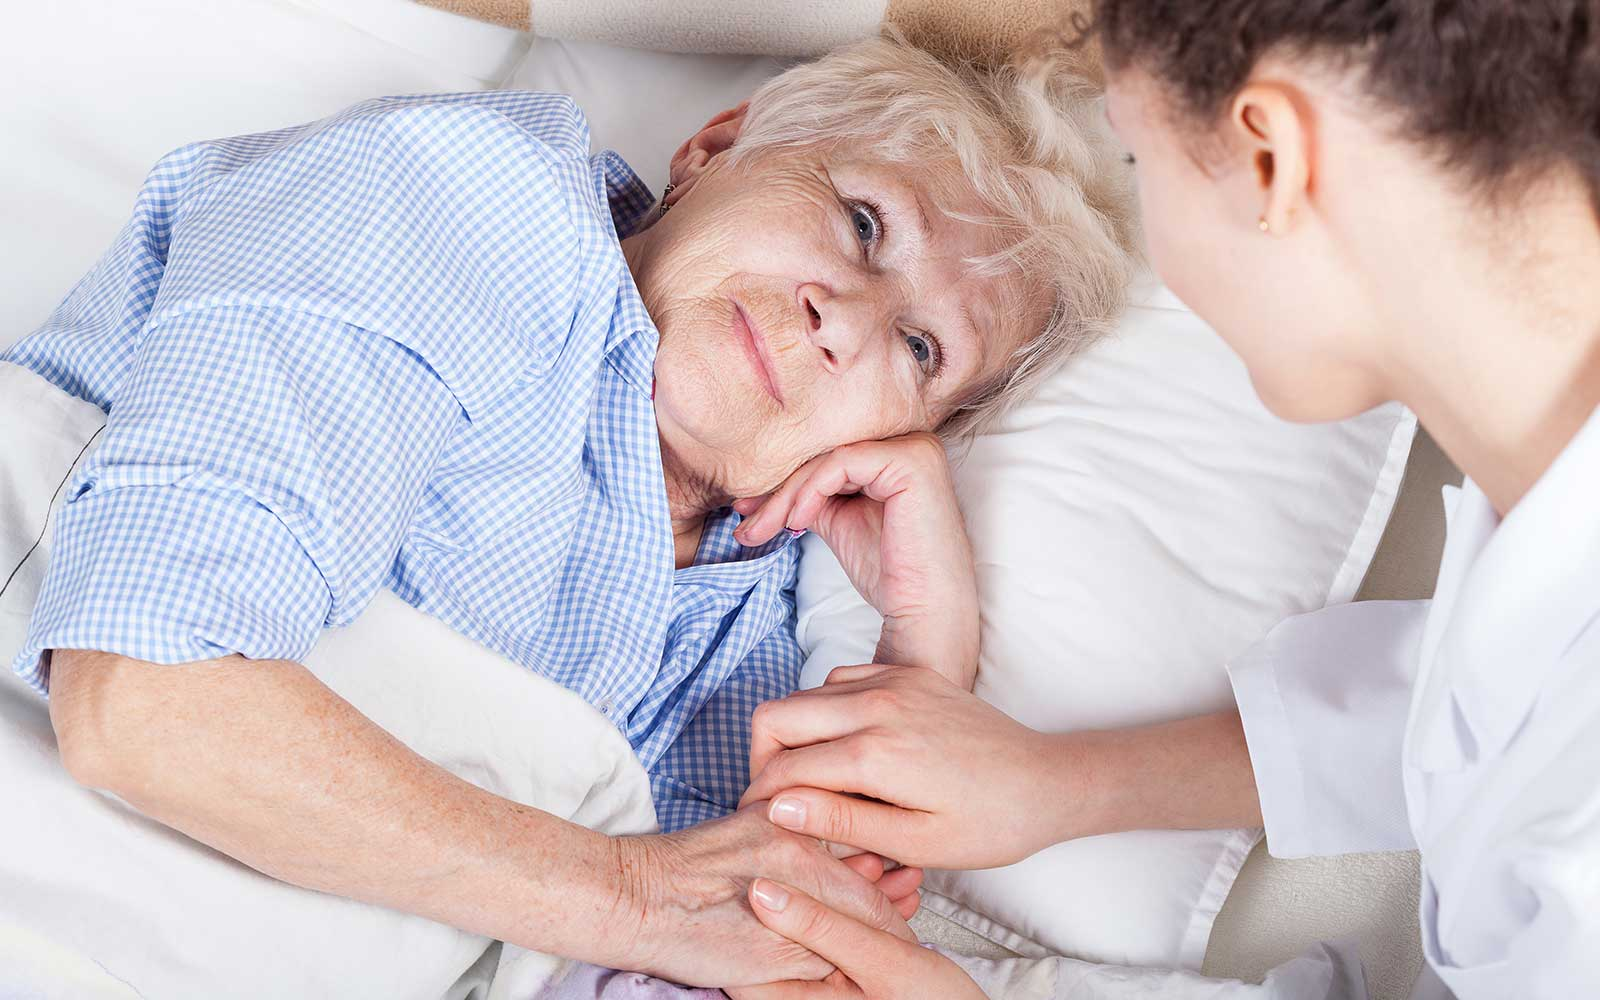 un'infermiera che tiene la mano di una signora anziana sdraiata